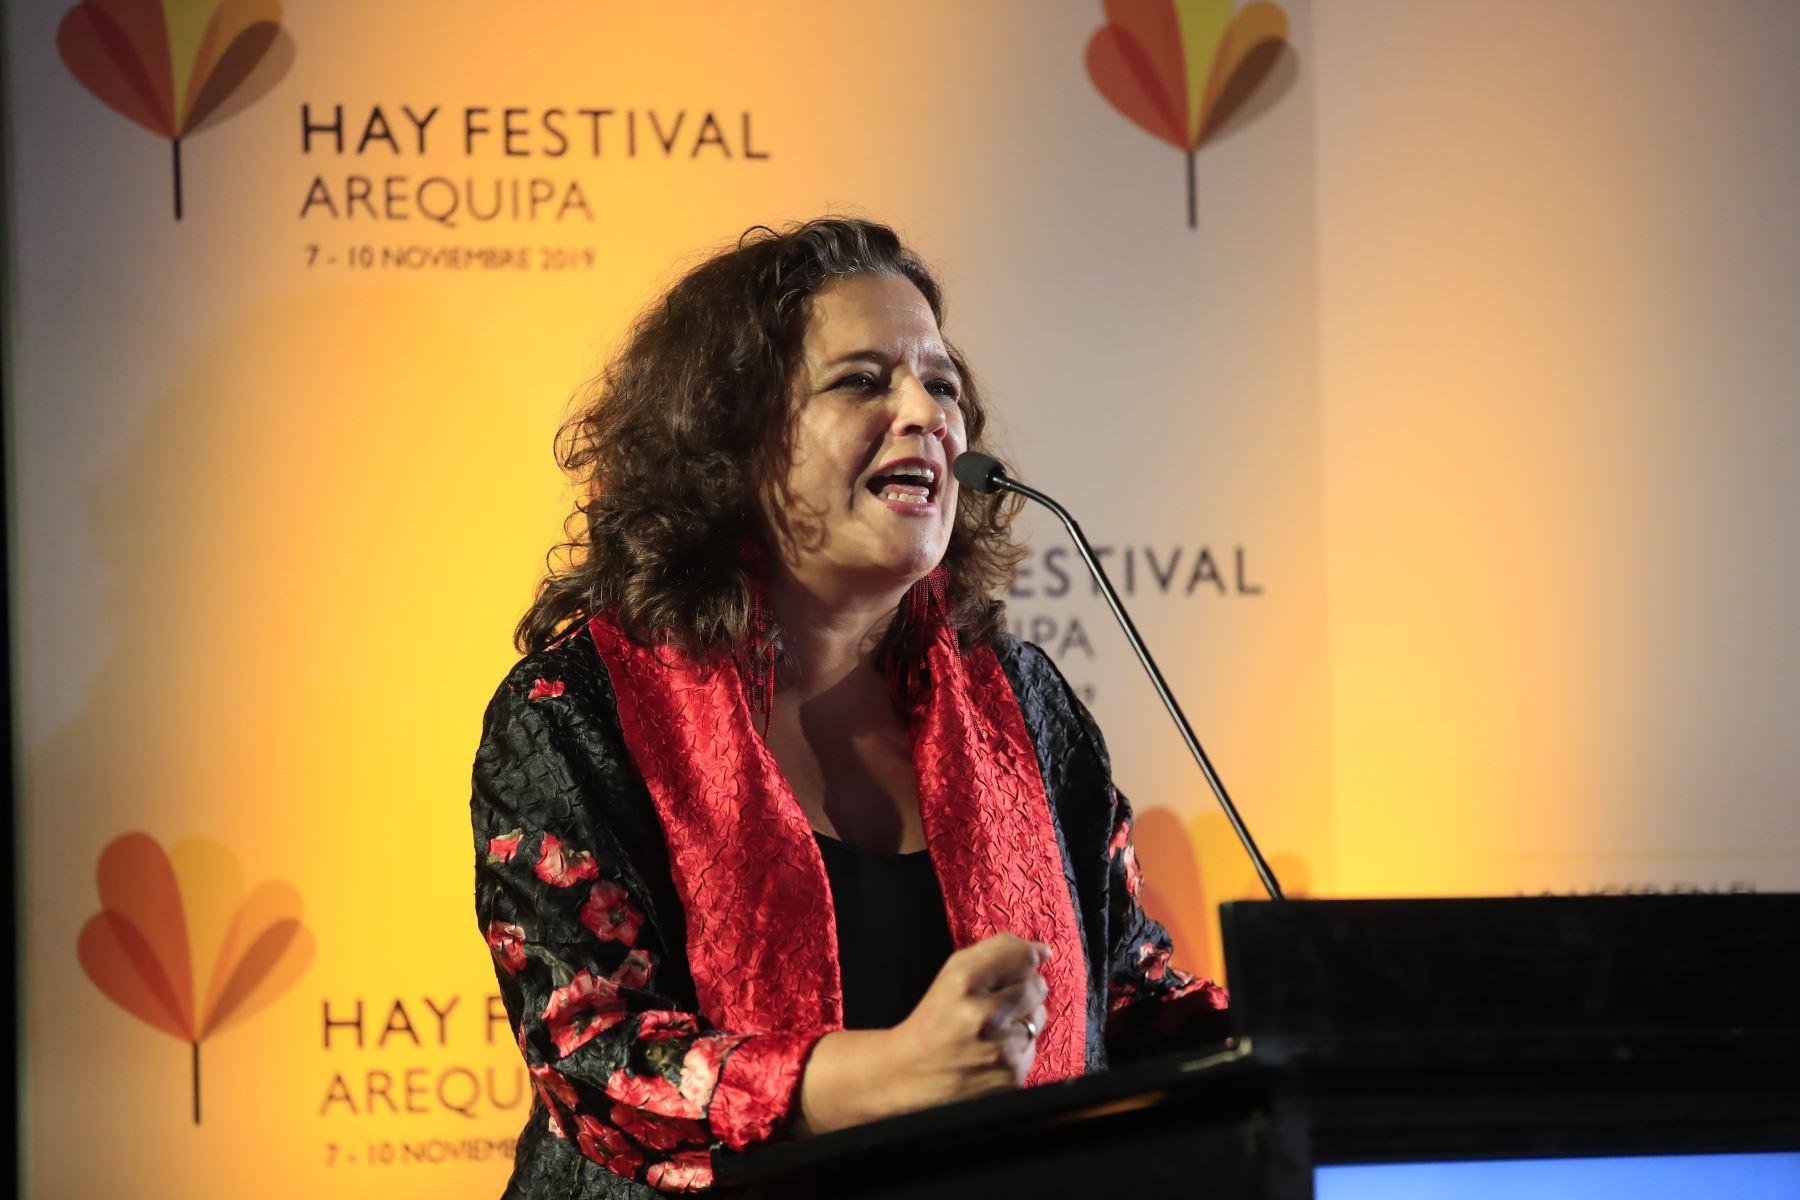 Cristina Fuentes, durante el lanzamiento del Hay Festival.  Foto: Andina/Juan Carlos Guzman Negrini